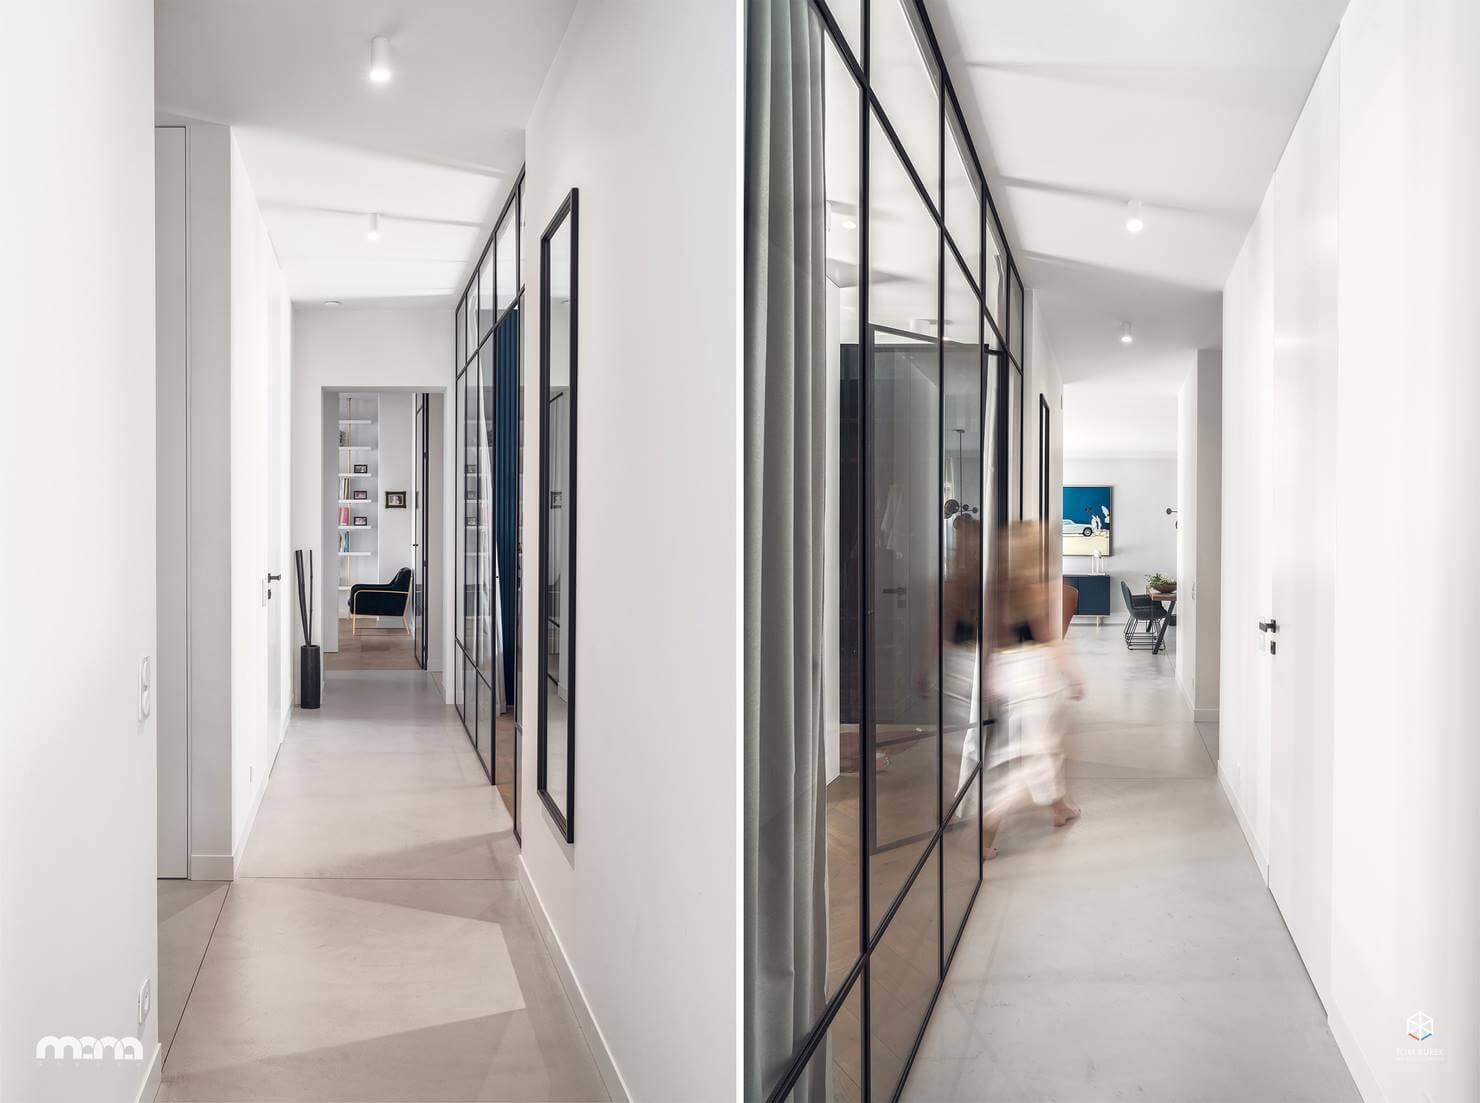 Благодаря использованию стеклянных перегородок помещение визуально увеличивается